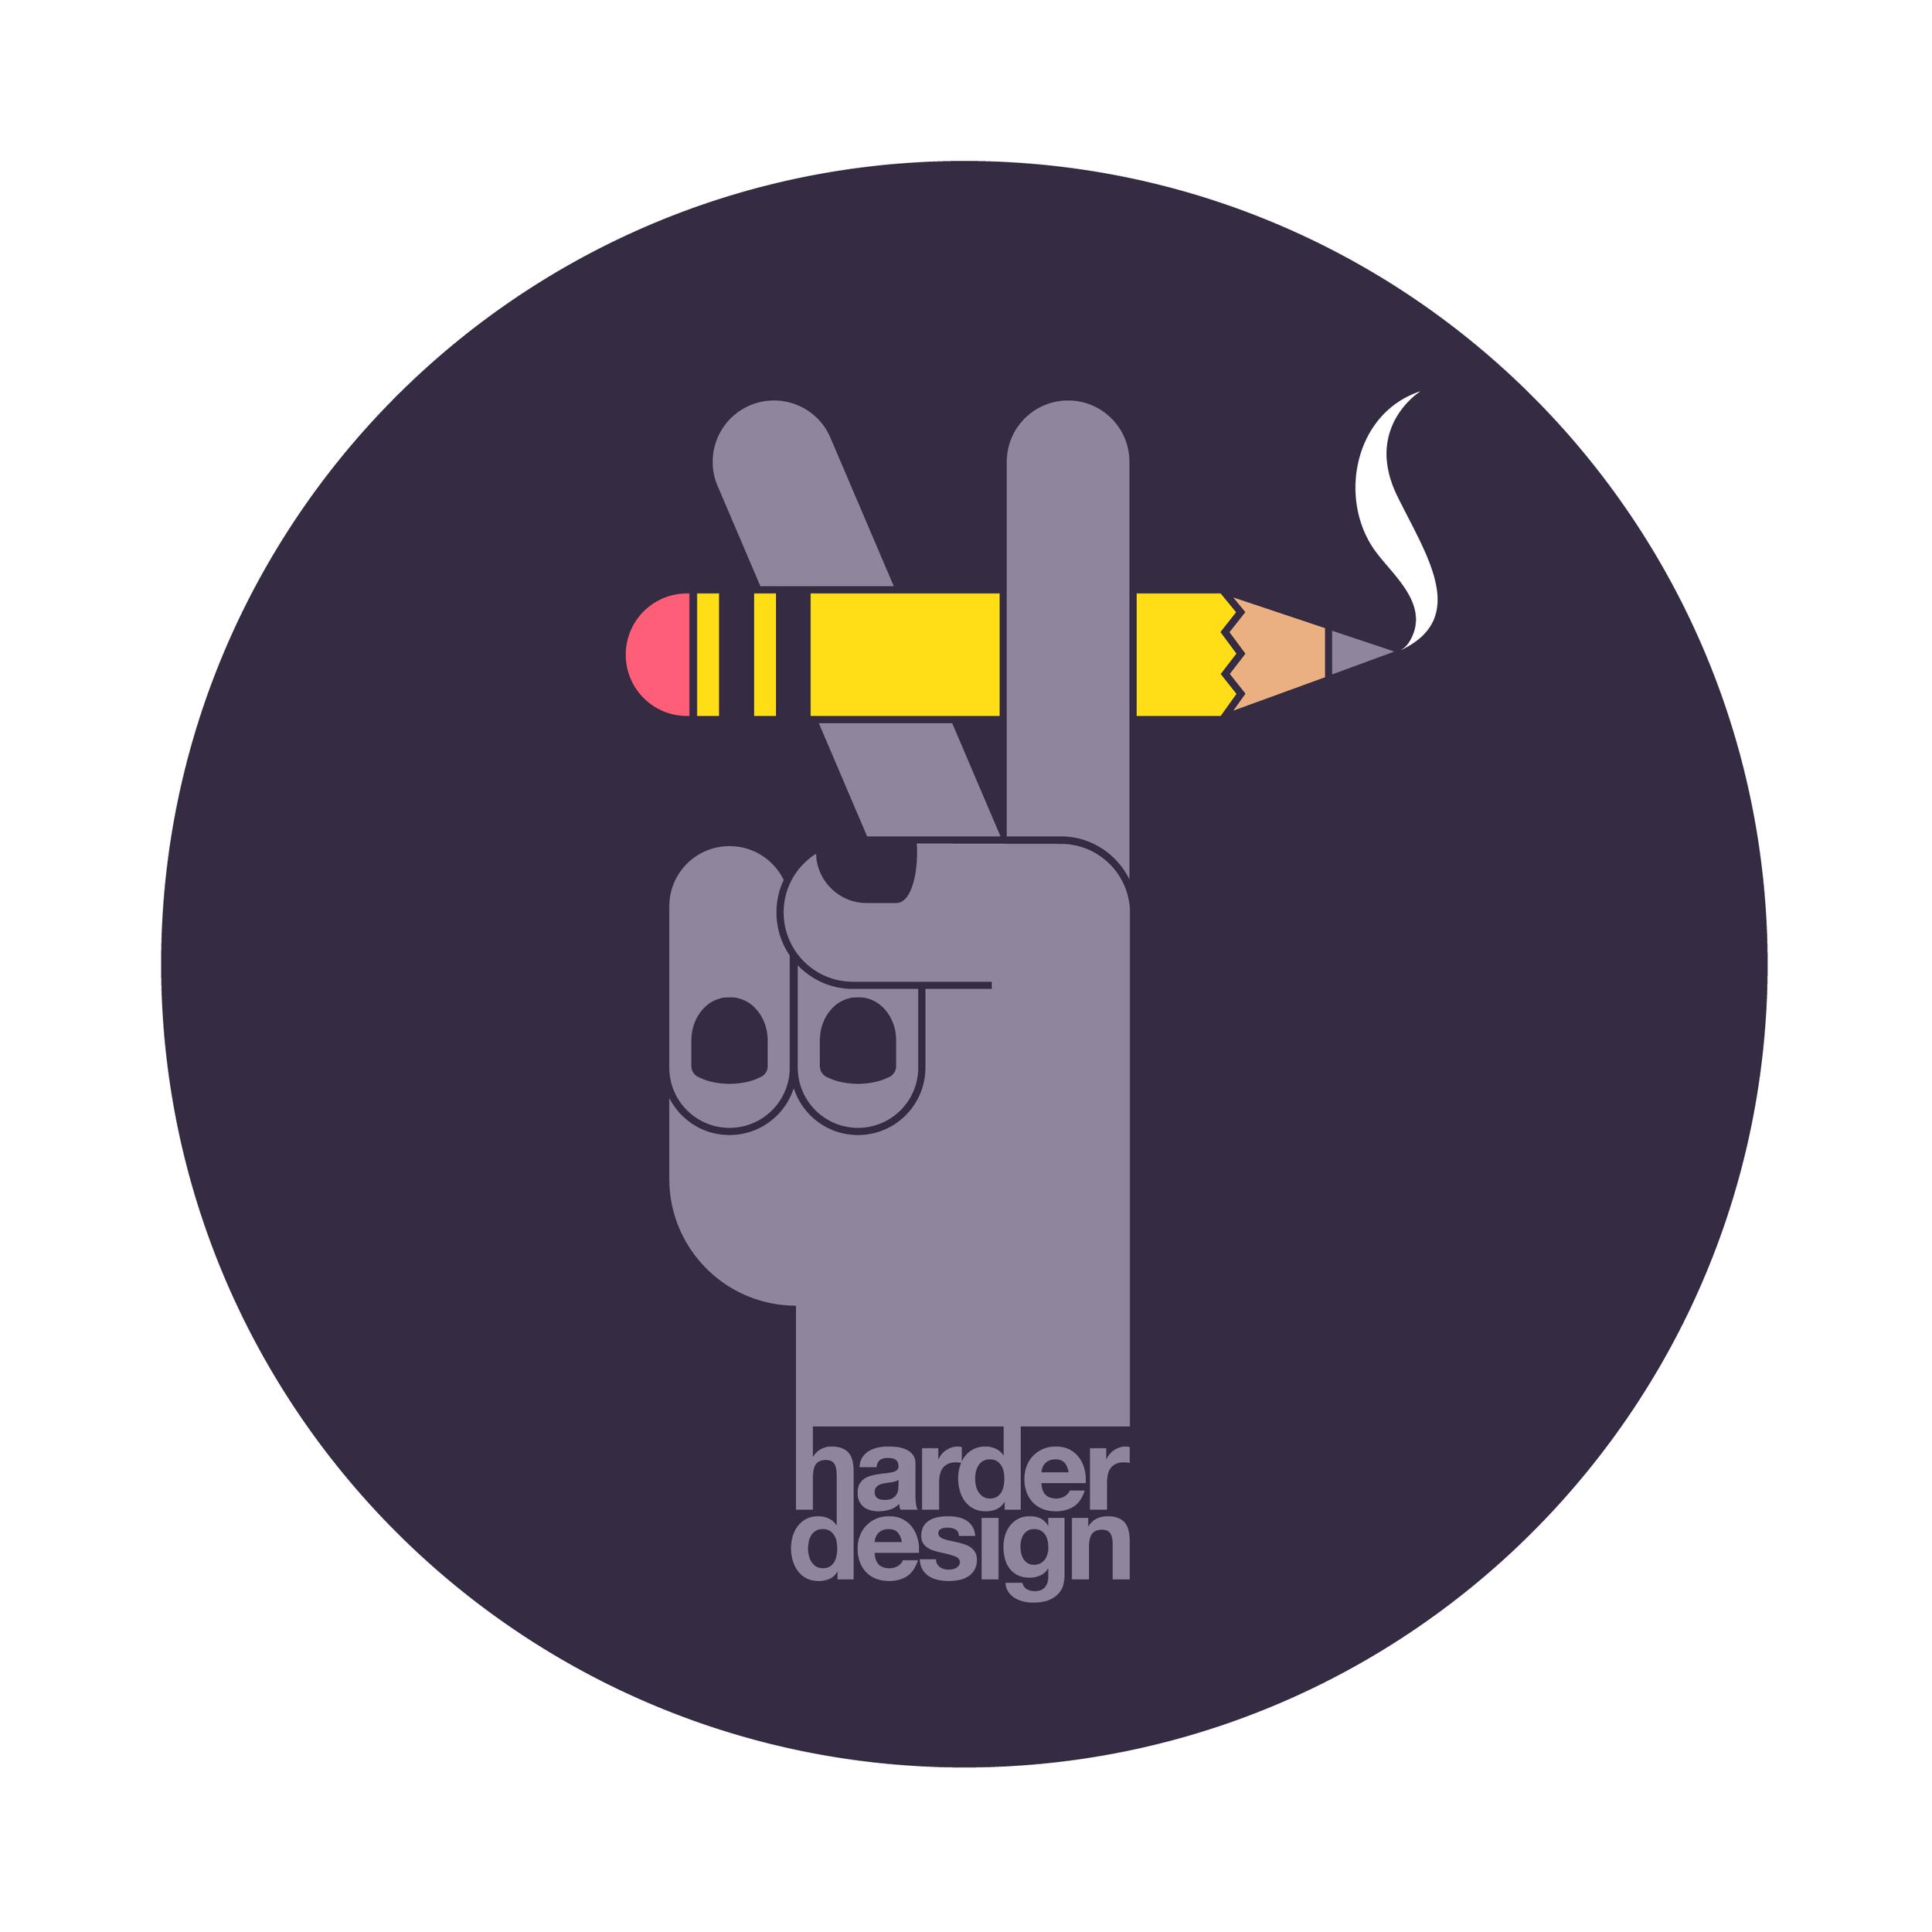 Hand-Design_Justin-Harder_Color2.png